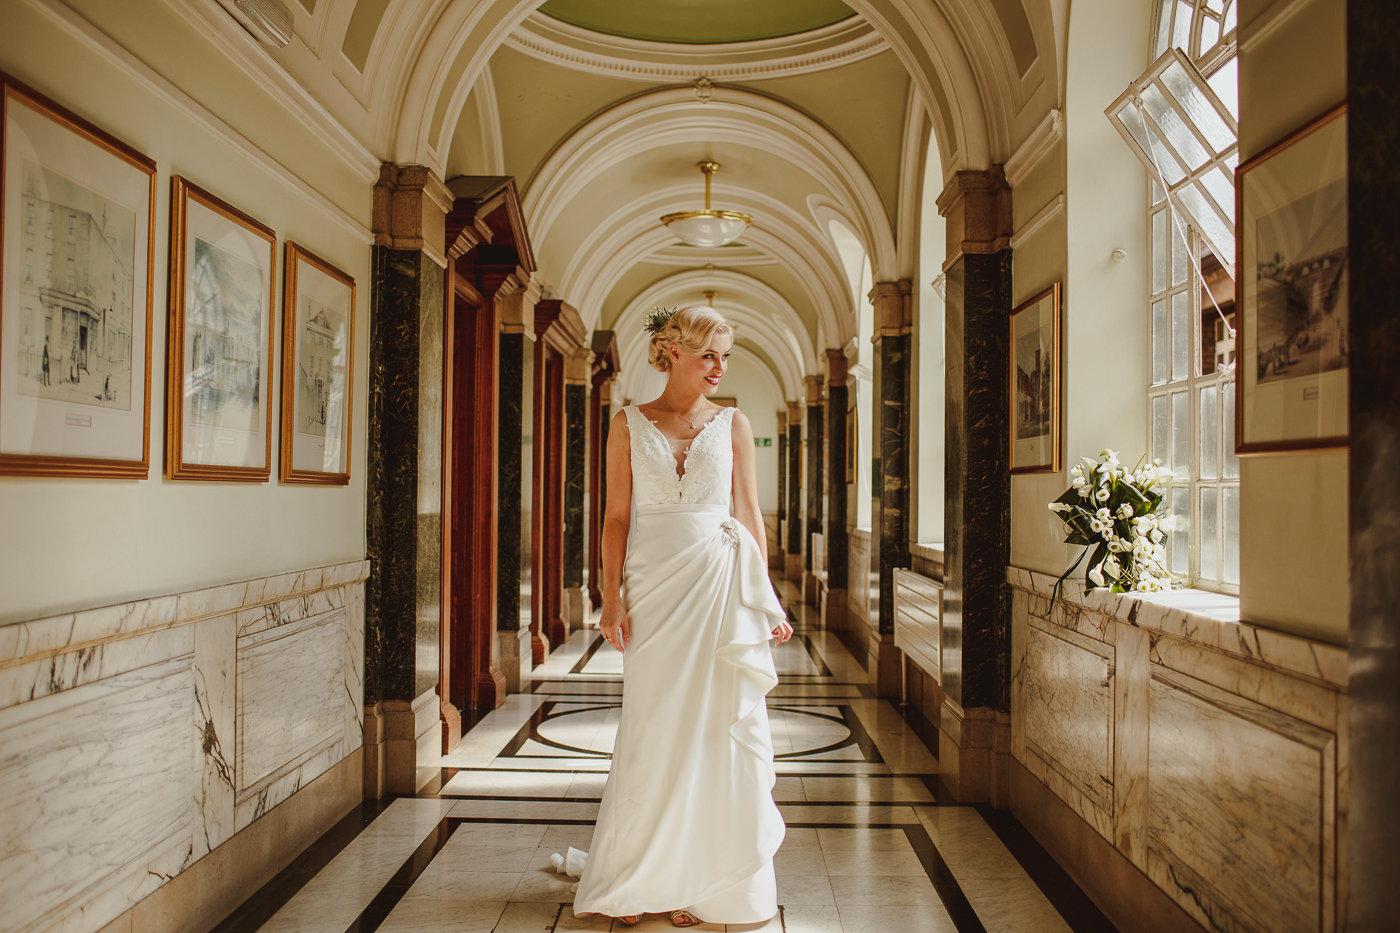 London-wedding-photographer-16.jpg